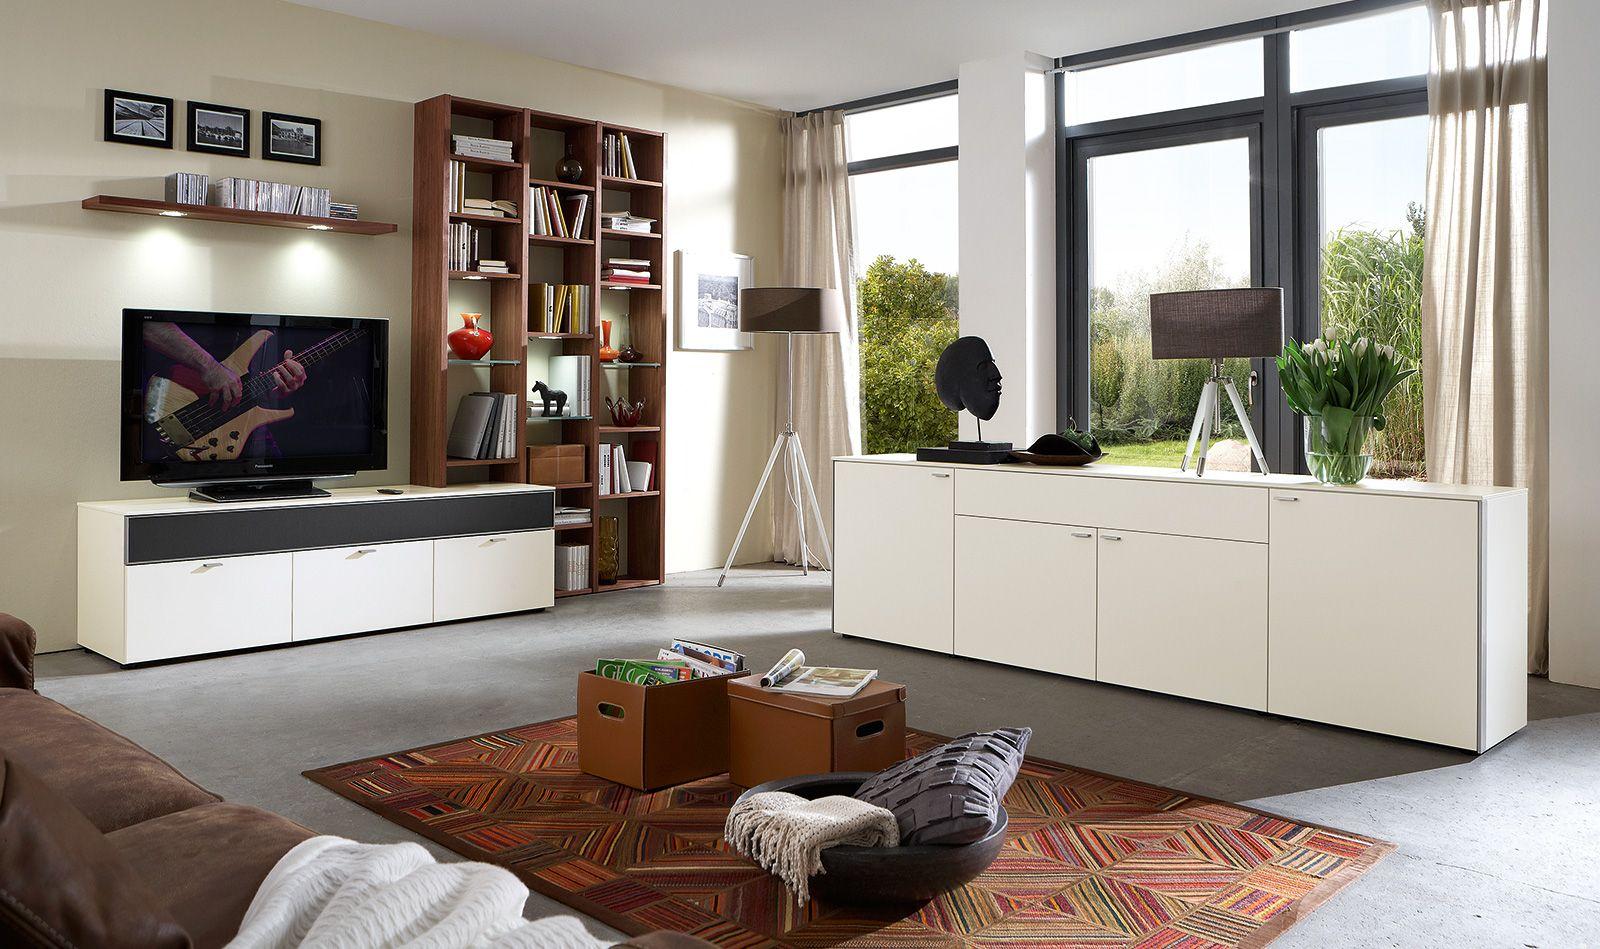 Wandschrank wohnzimmer ~ Tv wand möbel ideen trockenbau wohnzimmer und